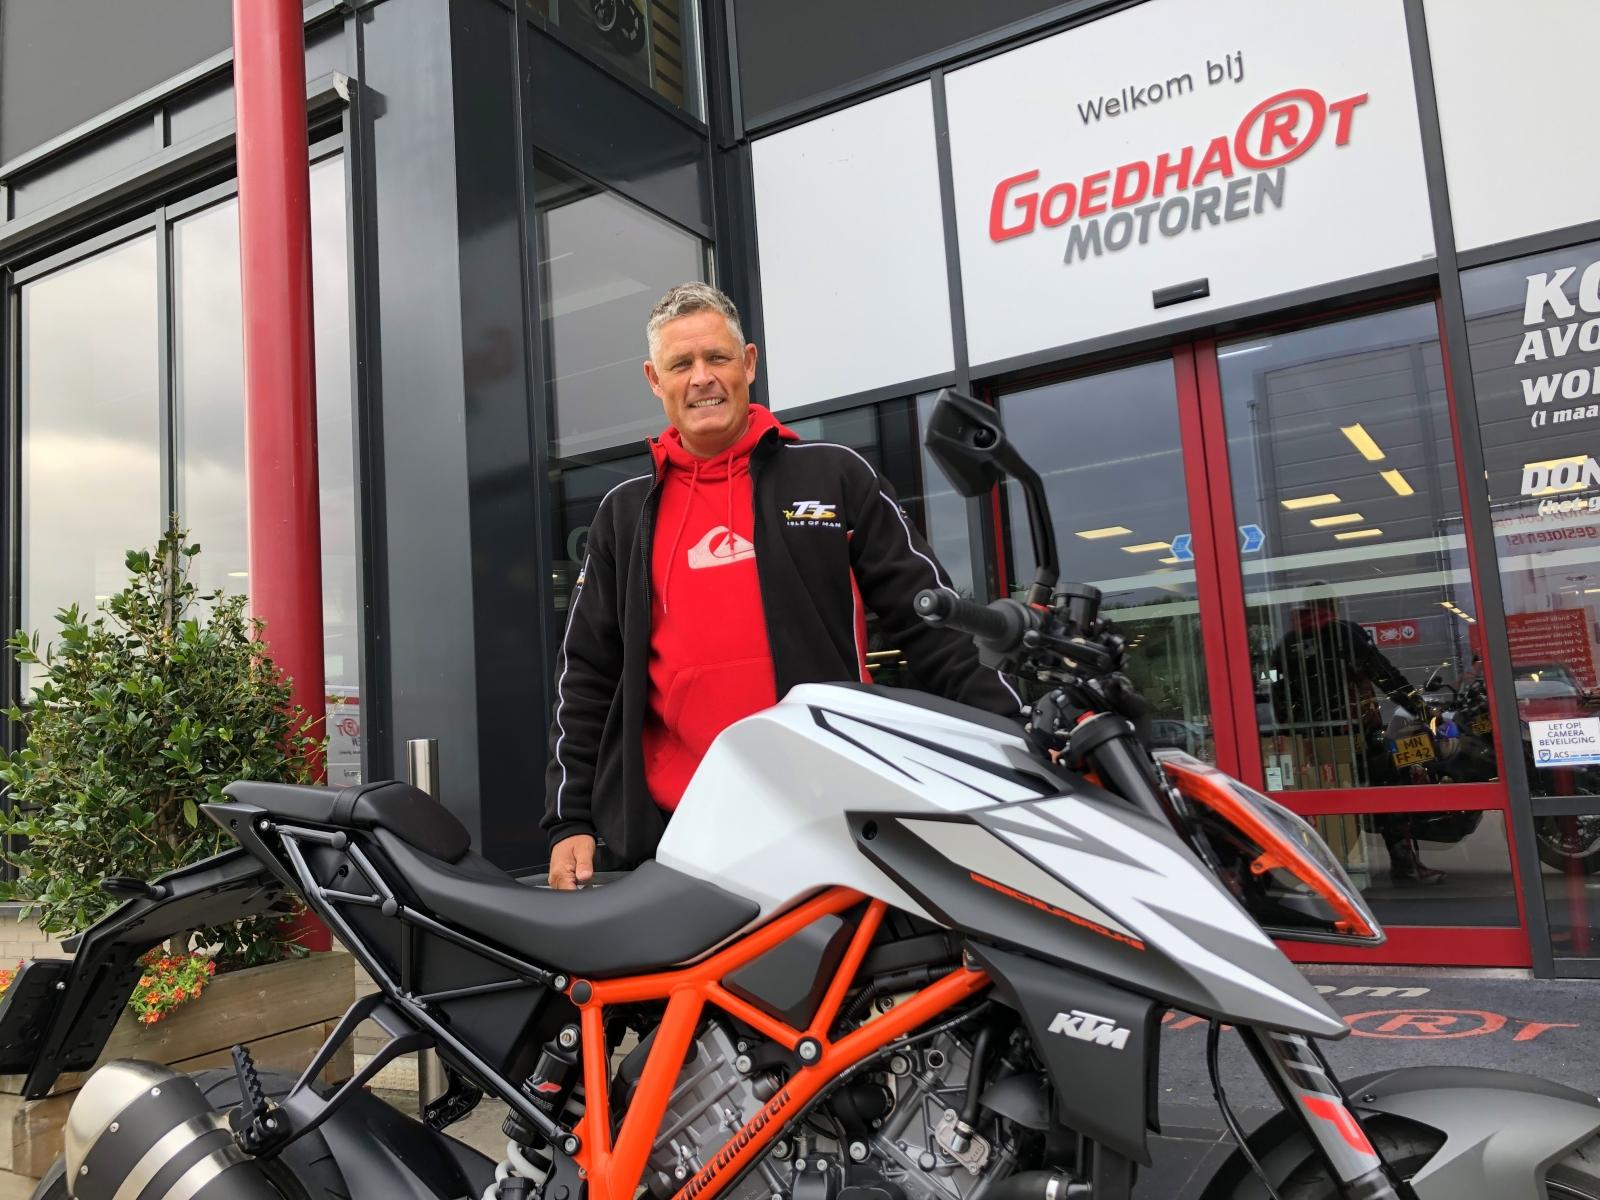 Eric Griffioen - KTM 1290 Super Duke R - Goedhart Motoren